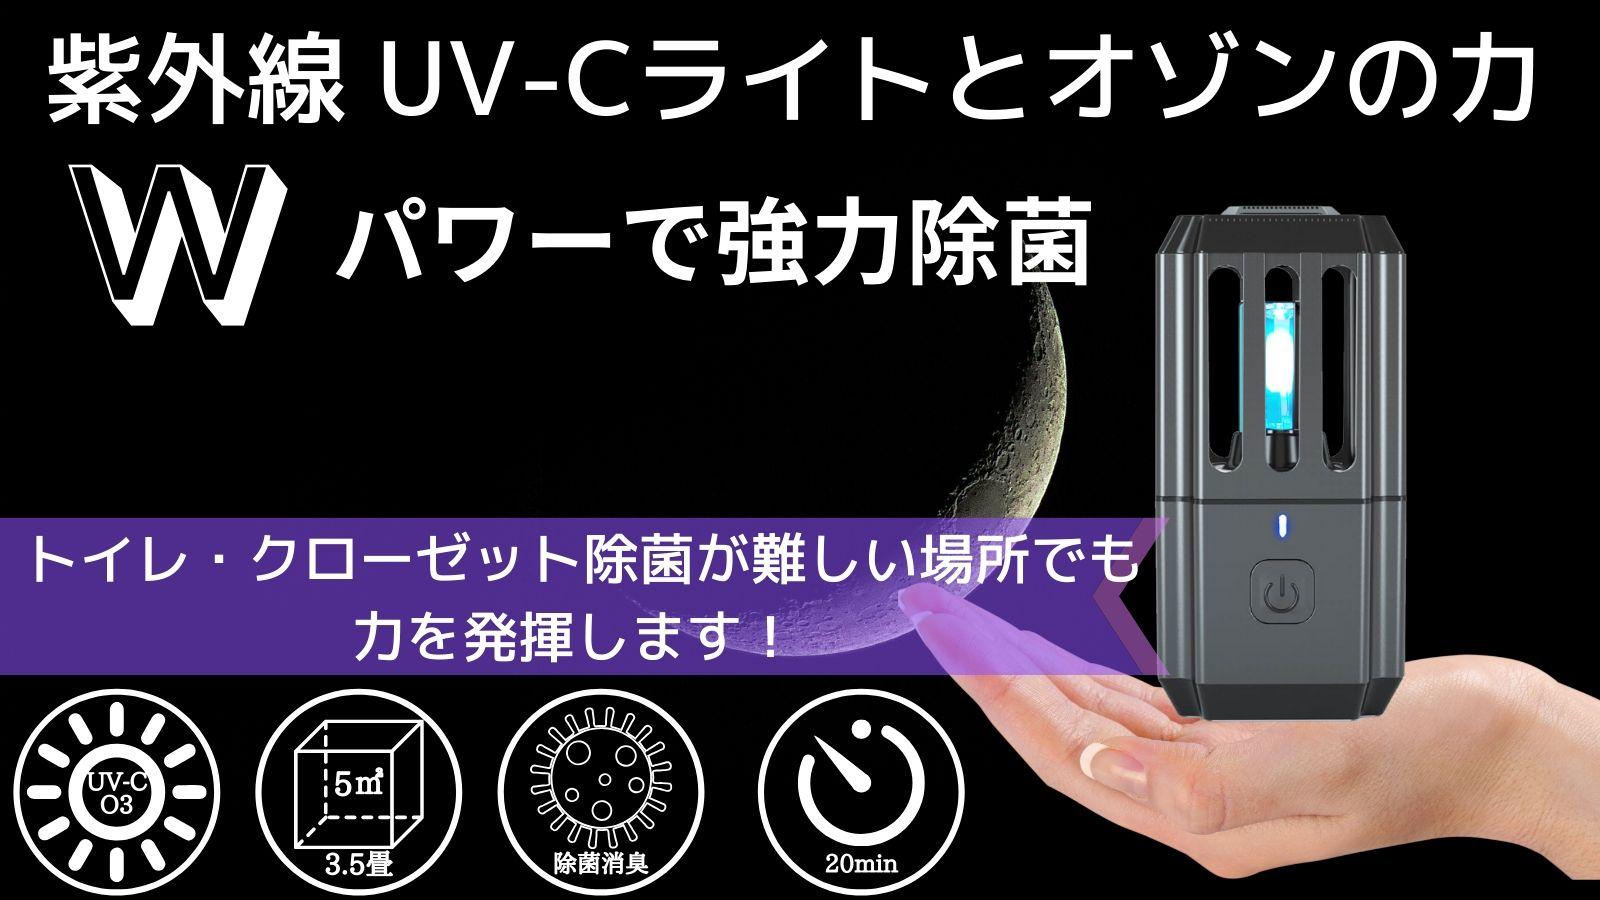 7月14日マクアケにてプロジェクトスタート!Wパワー除菌 紫外線 UV-Cライト・オゾンの力で隅々まで除菌(消臭機能付き)